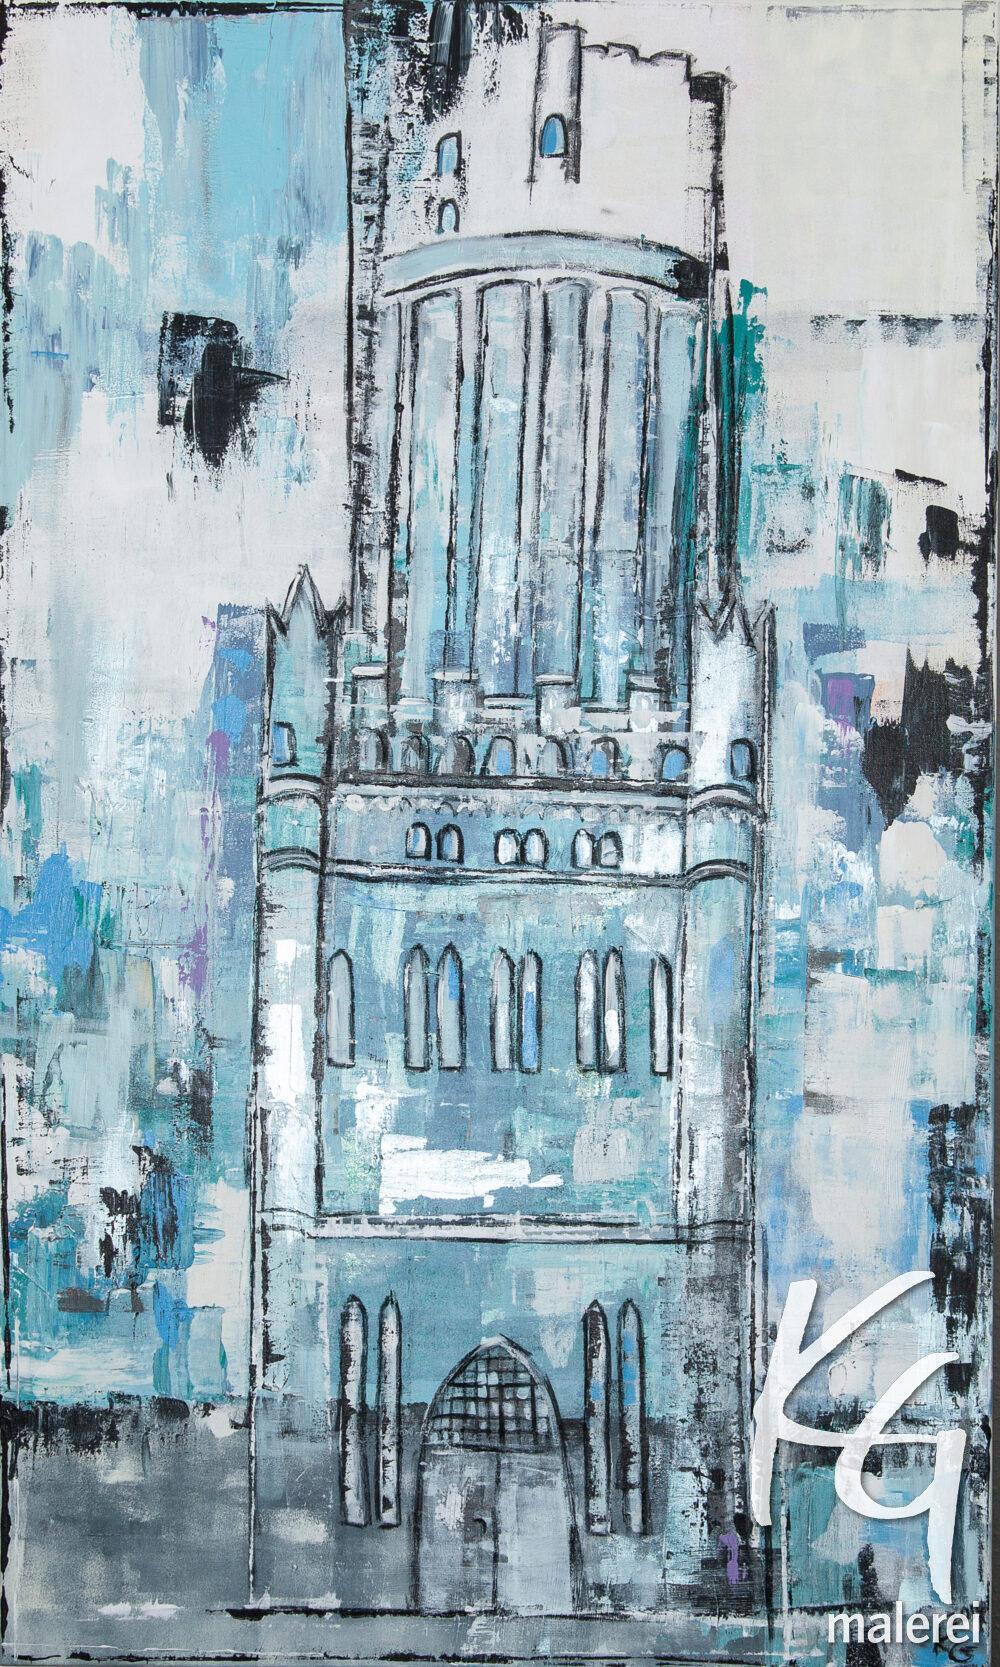 Das Gemälde Wasserturm Lüneburg zeigt den Lüneburger Wasserturm im für die Künstlerin Karin Greife typischen abstrahierten Stil in Blau- und Weißtönen.